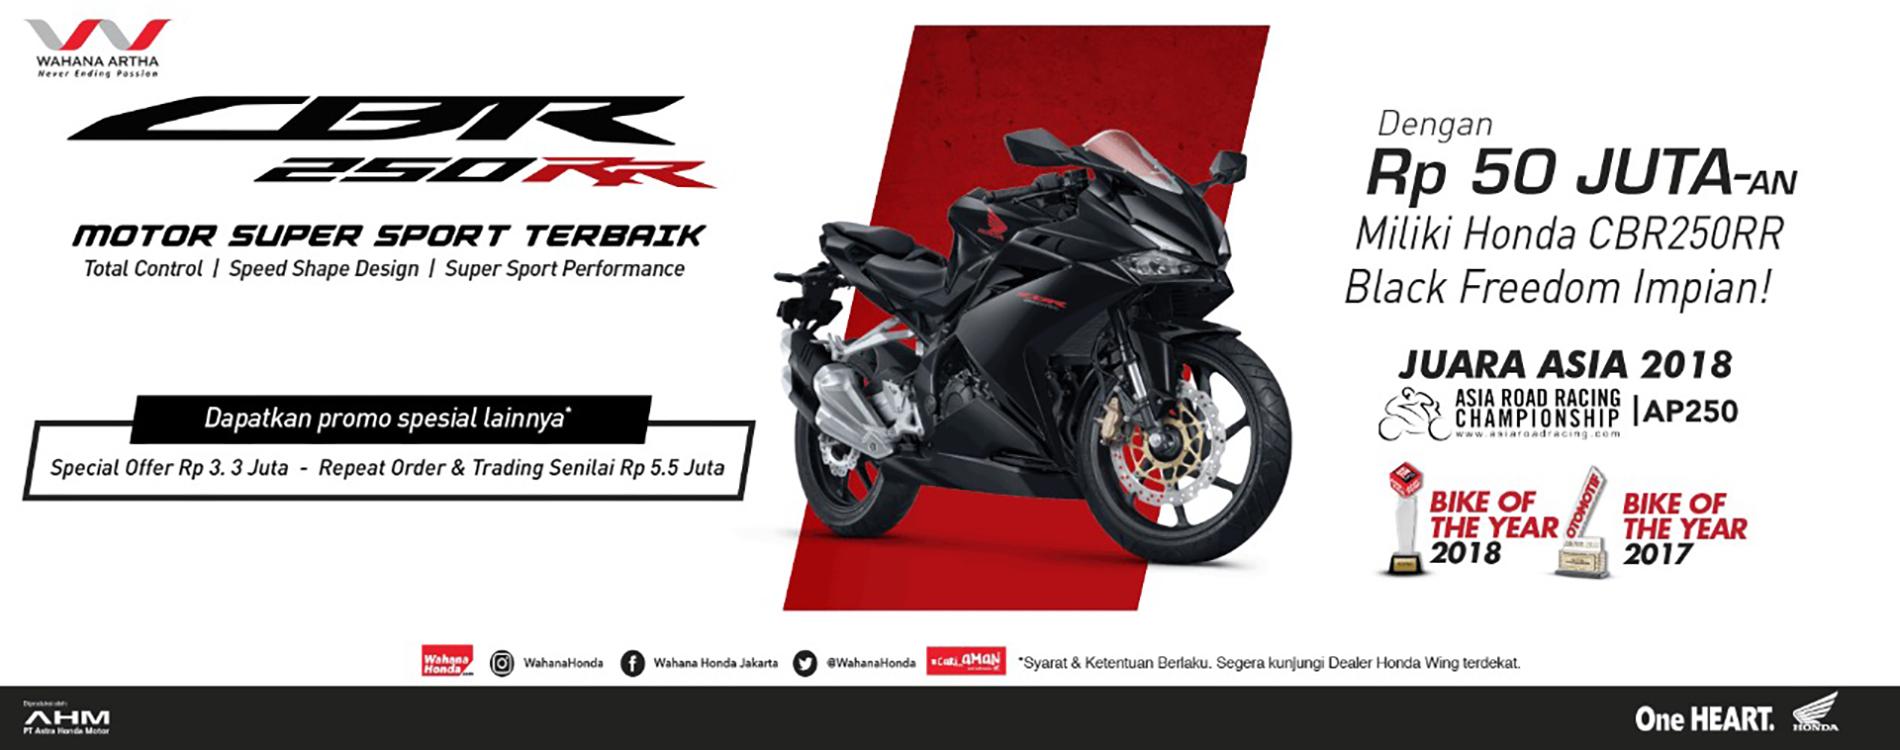 Daftar Promo Terbaru Motor Honda | Wahana Honda